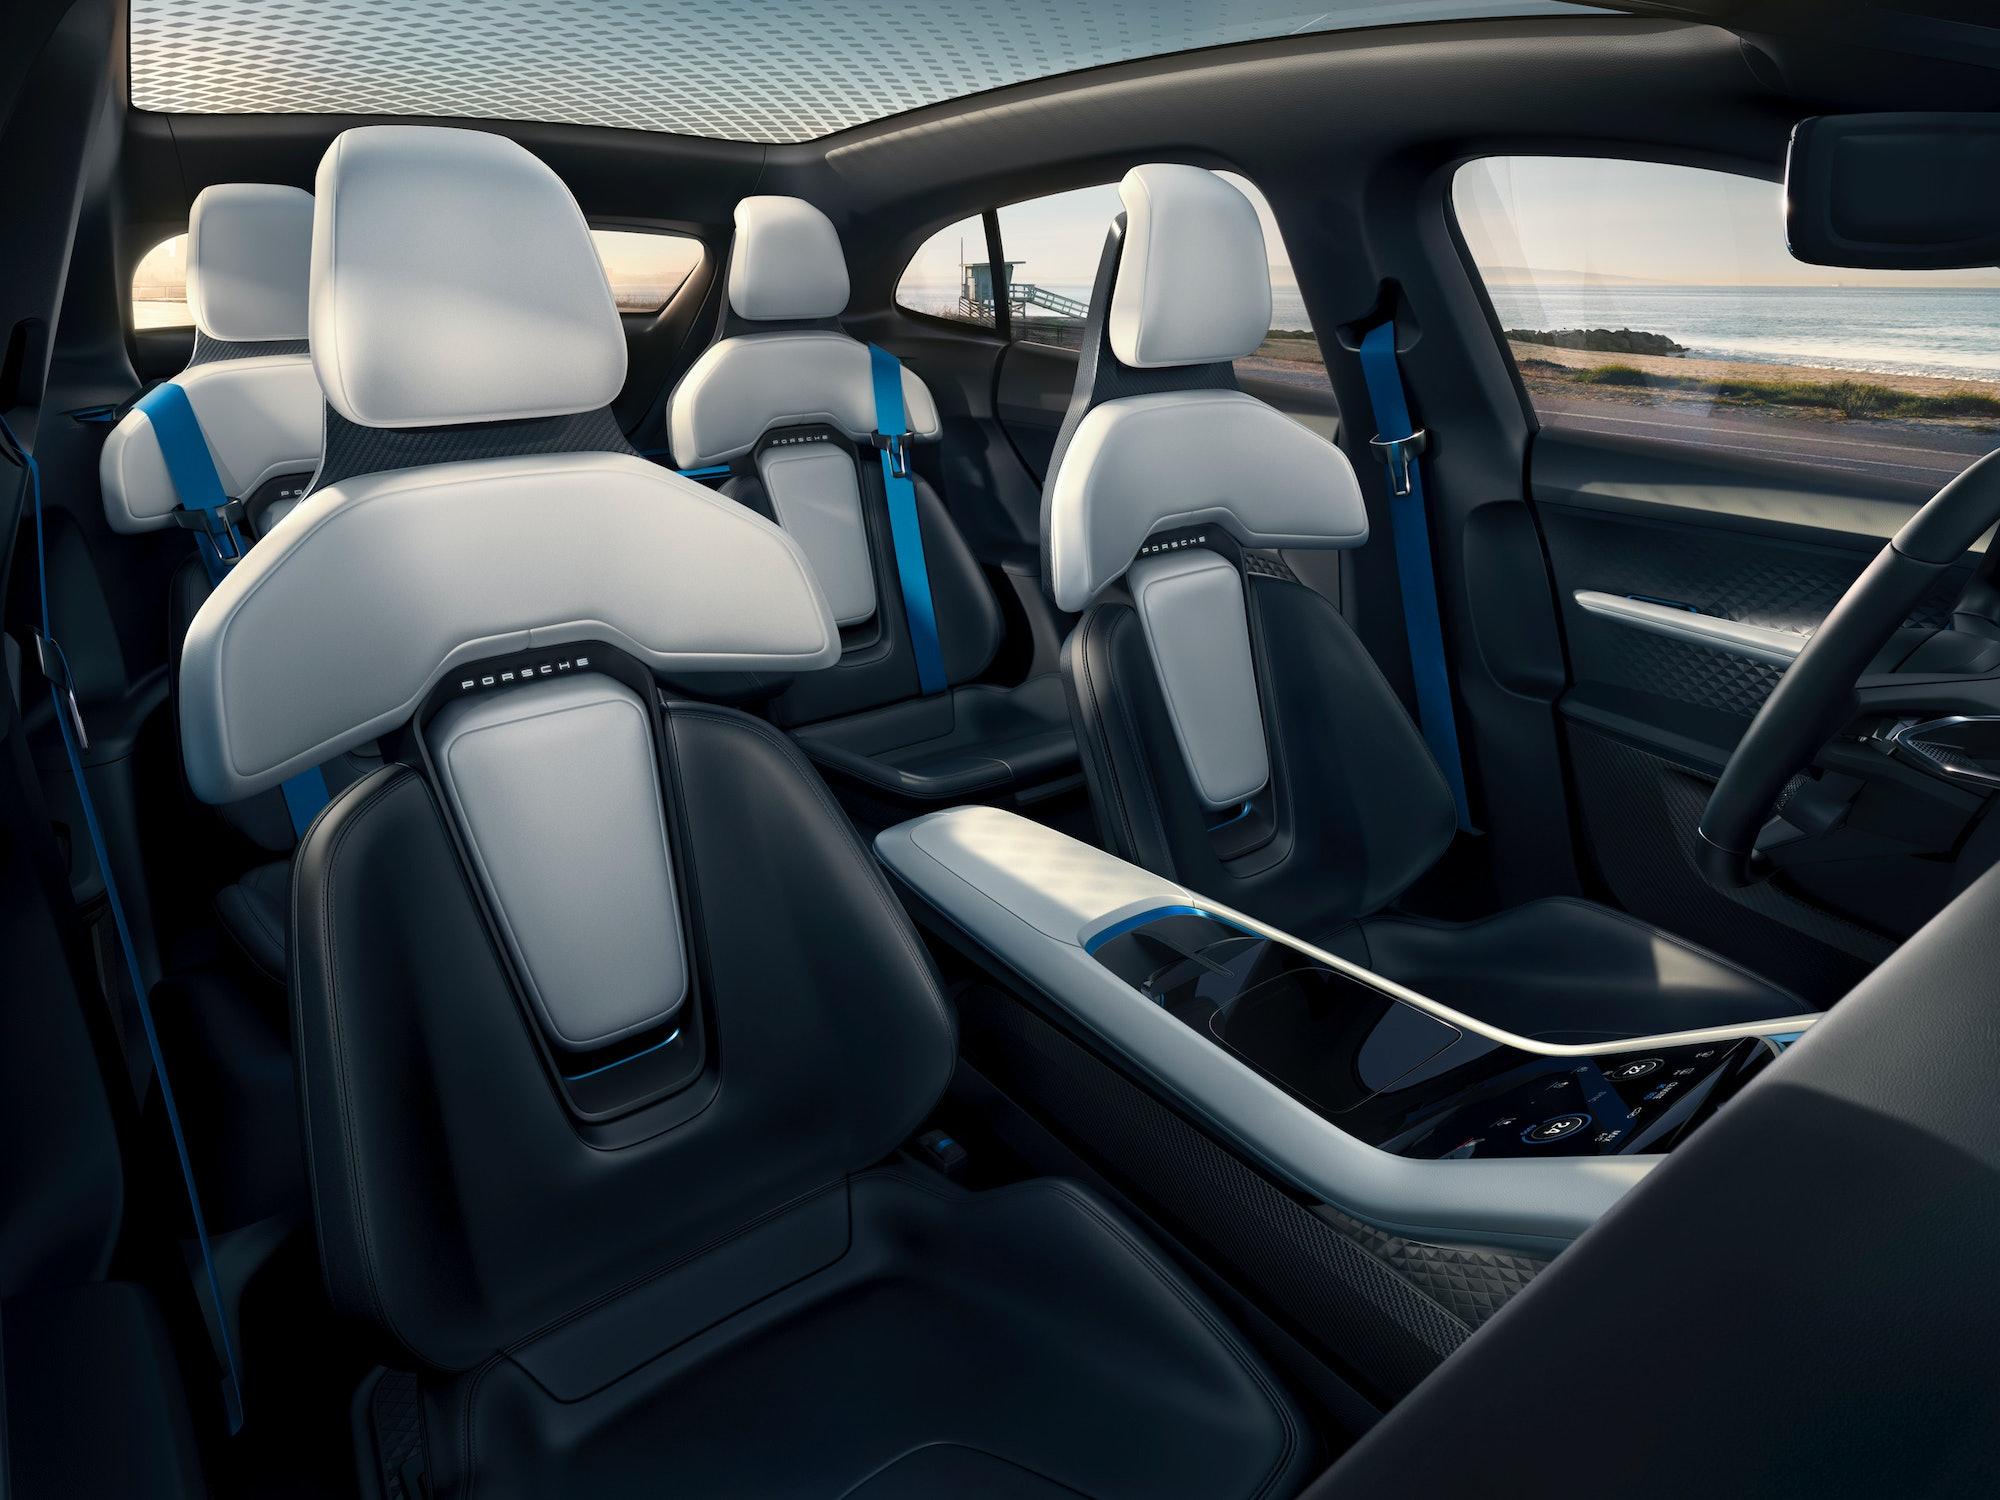 Porsche interior.